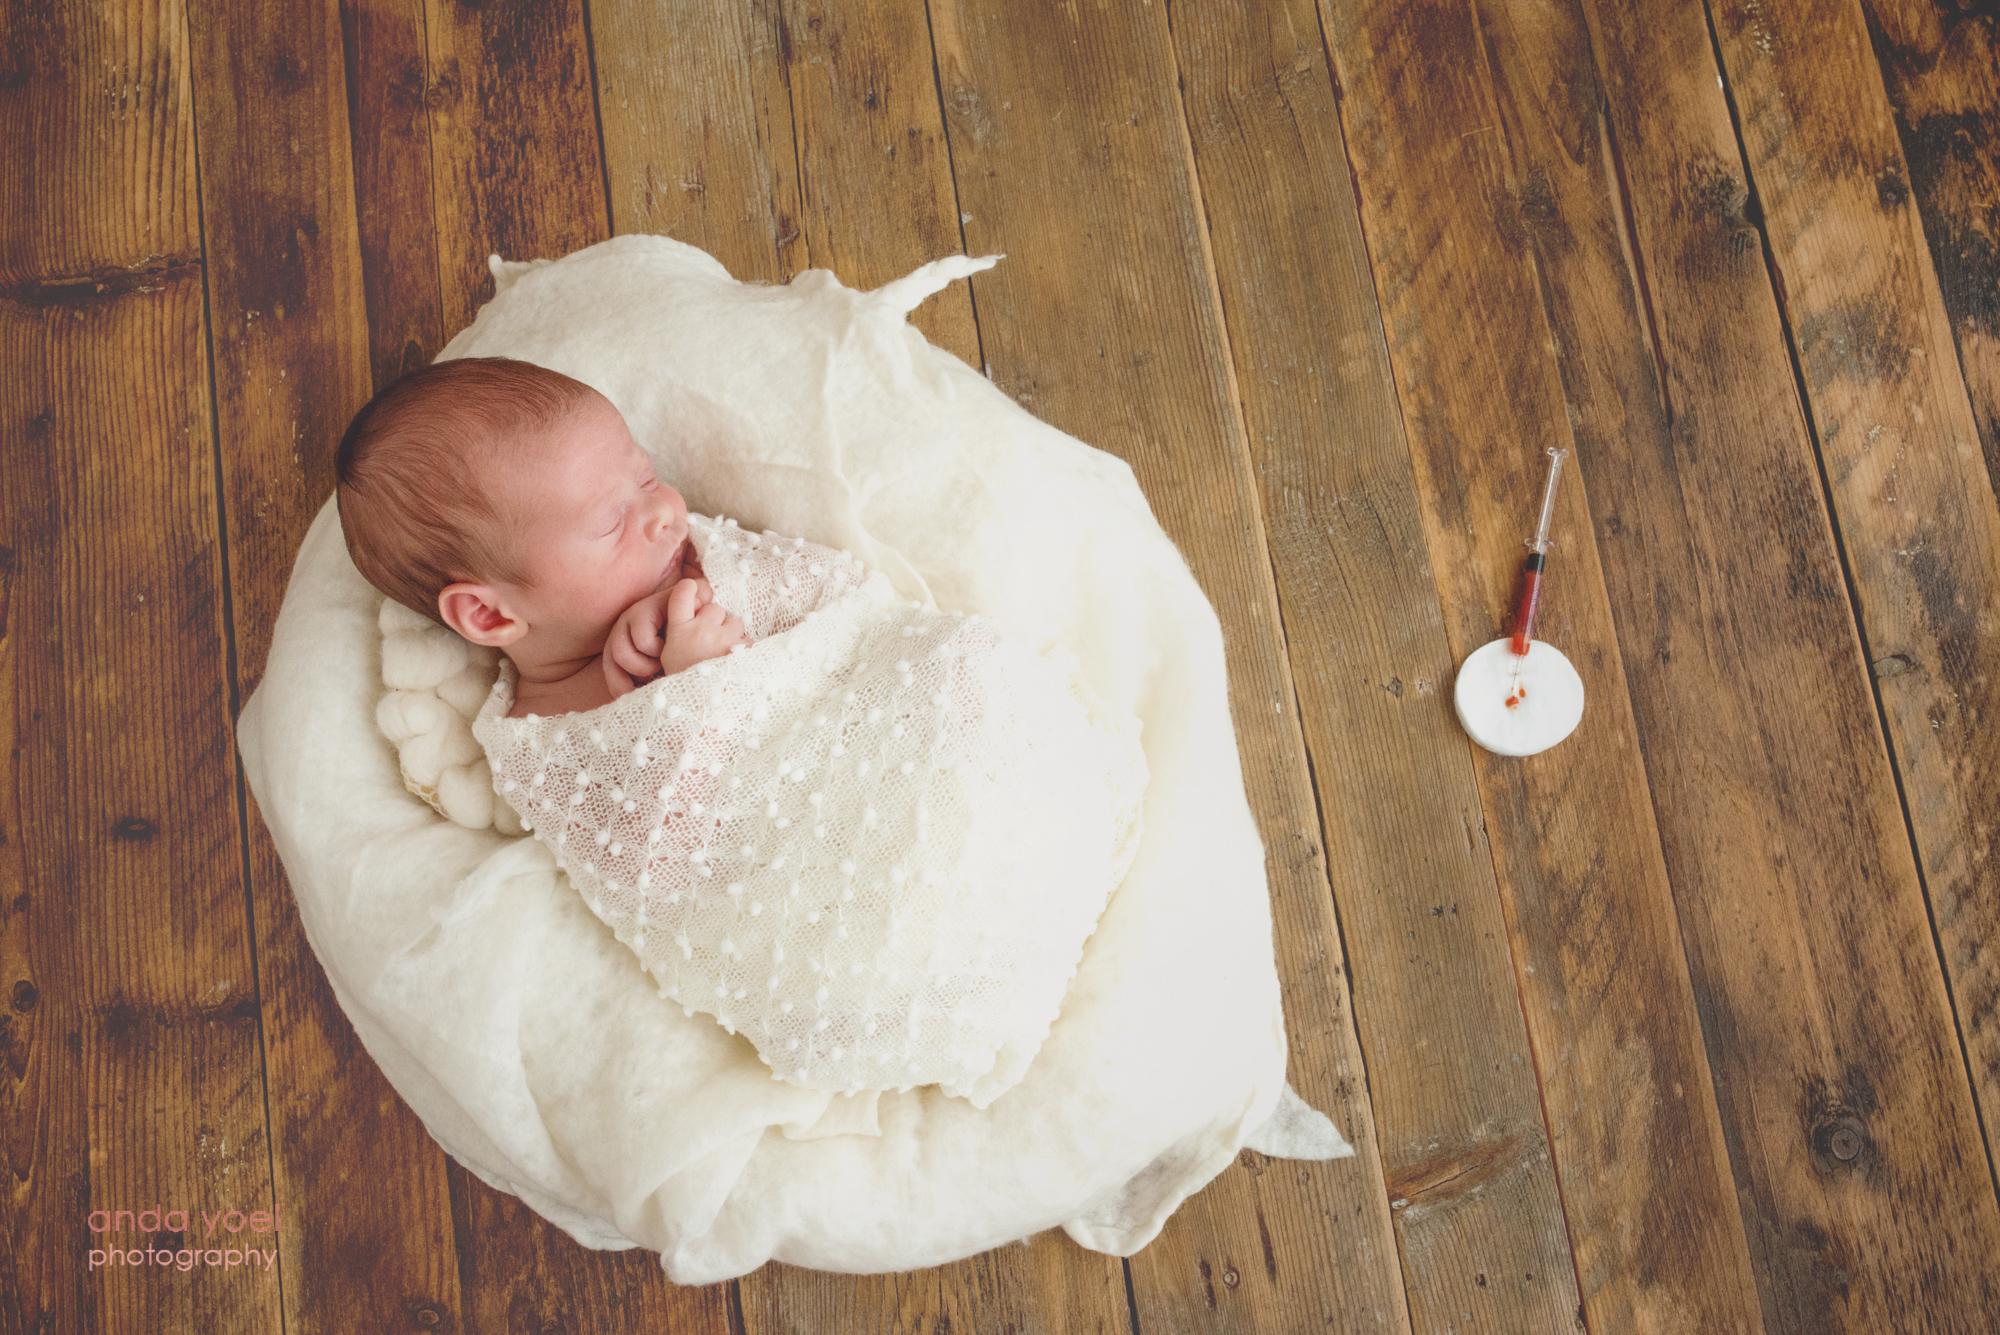 תינוקת ניובורן ליד מזרק שמדמה את טיפולי הפוריות של האמא לפני שנכנסה להריון אחרי טיפולי פוריות - צלמת אנדה יואל